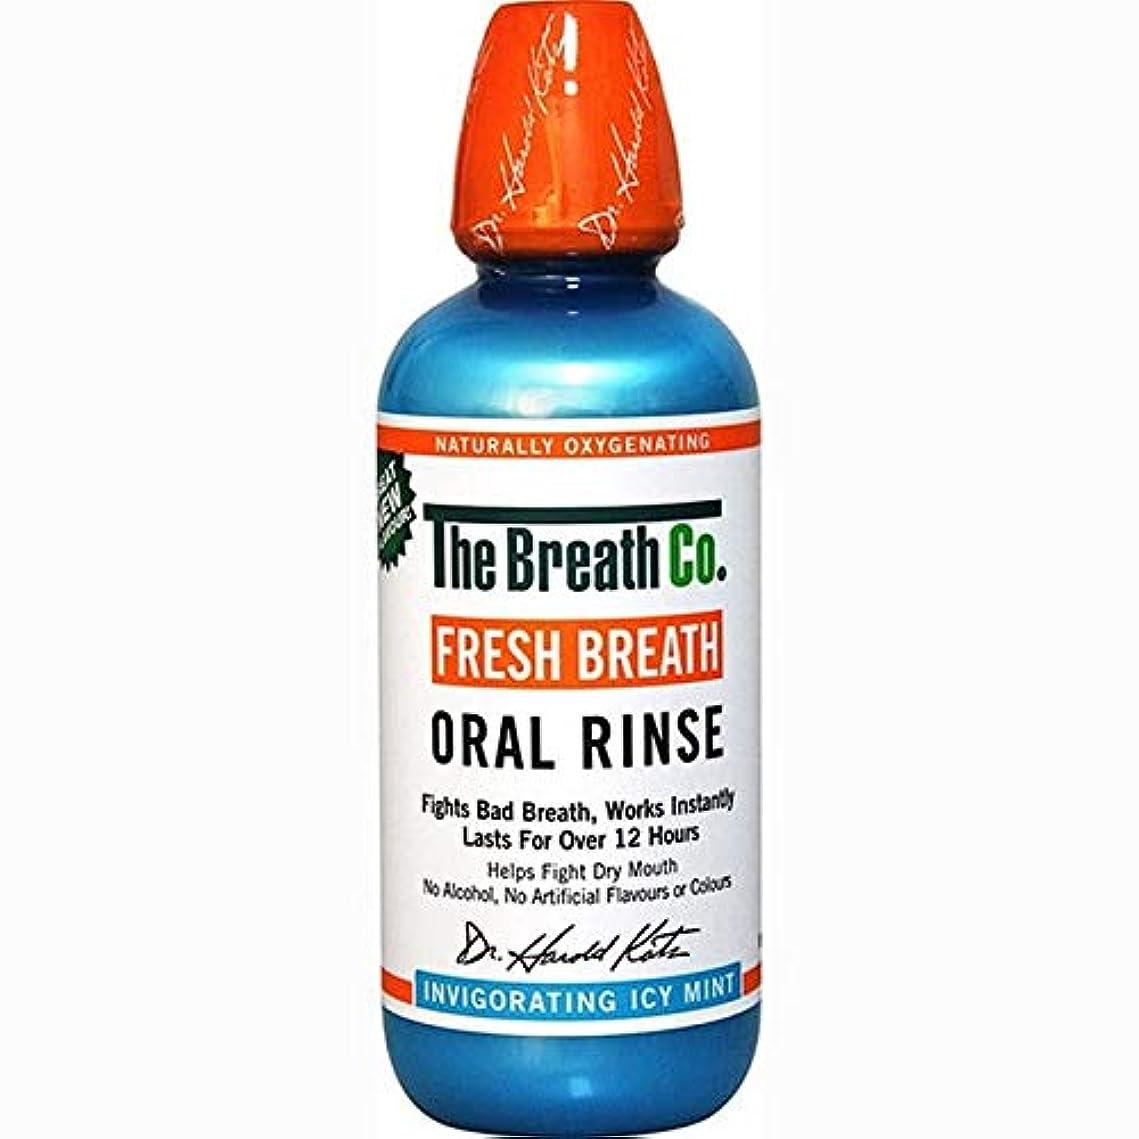 引き出しスチュアート島焼く[The Breath Co] 息のCo新鮮な息口腔リンス氷のミント500ミリリットル - The Breath Co Fresh Breath Oral Rinse Icy Mint 500ml [並行輸入品]